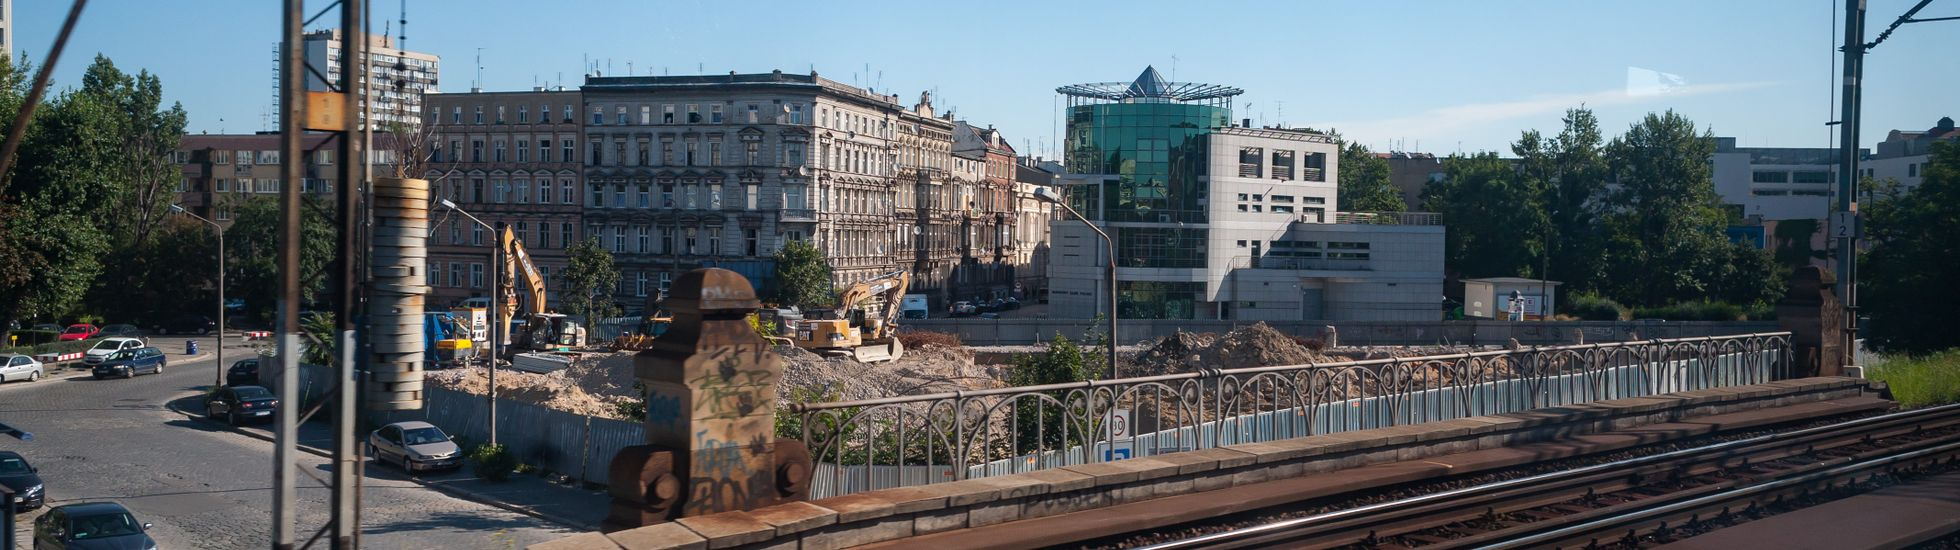 Wrocław: LC Corp wydaje przeszło 30 milionów na grunt po dawnym szkieletorze przy Kolejowej